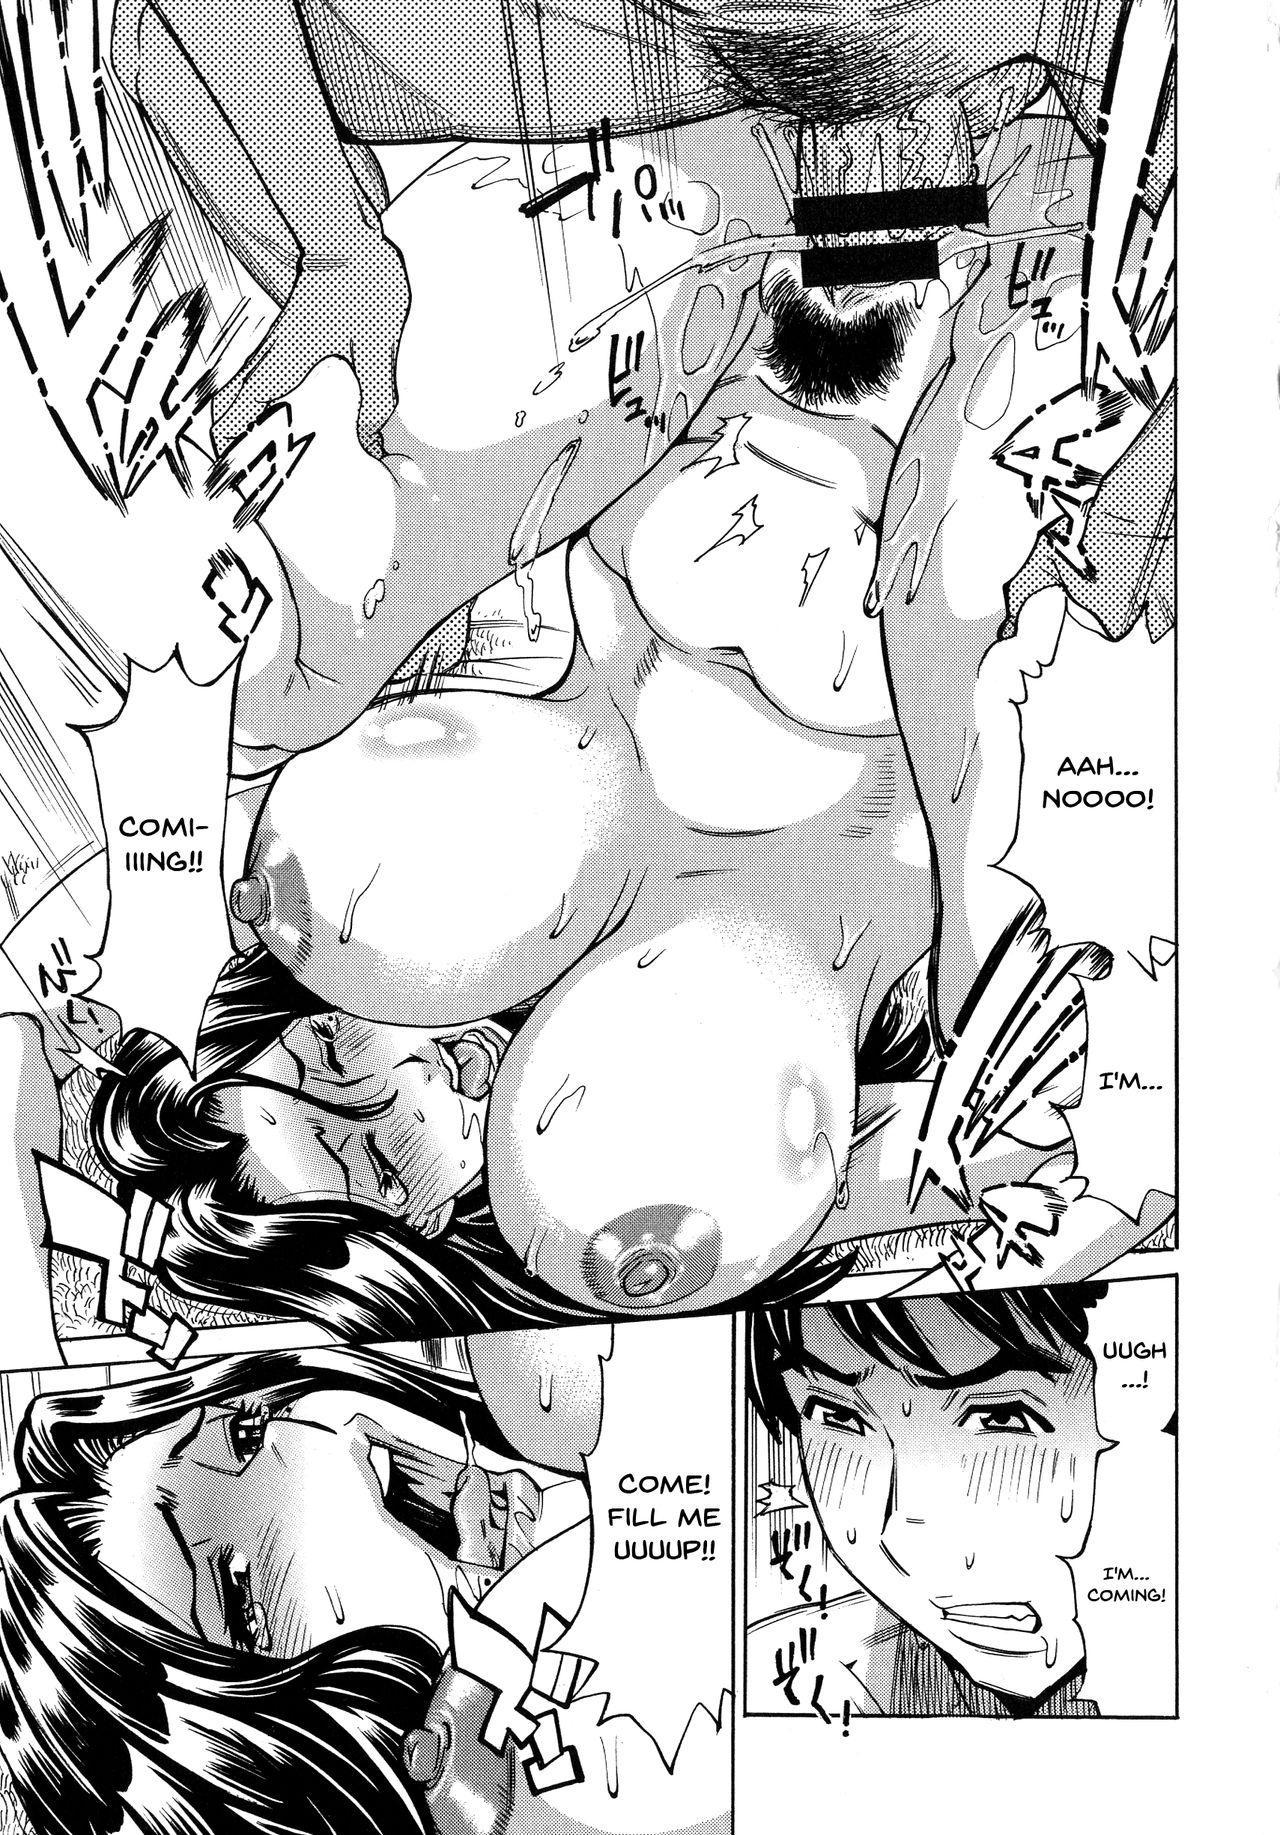 [Makibe Kataru] Hitozuma Koi Hanabi ~Hajimete no Furin ga 3P ni Itaru made~ Ch.1-9 [English] {Doujins.com} 37